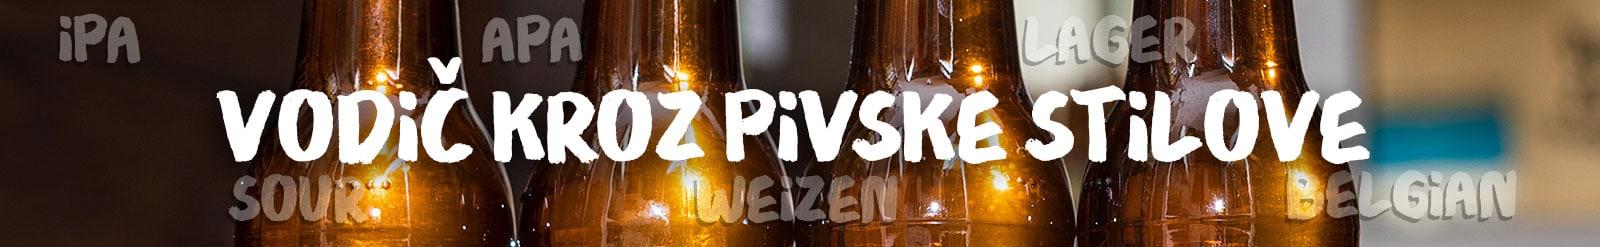 Vodič kroz pivske stilove - SpicyDays.com